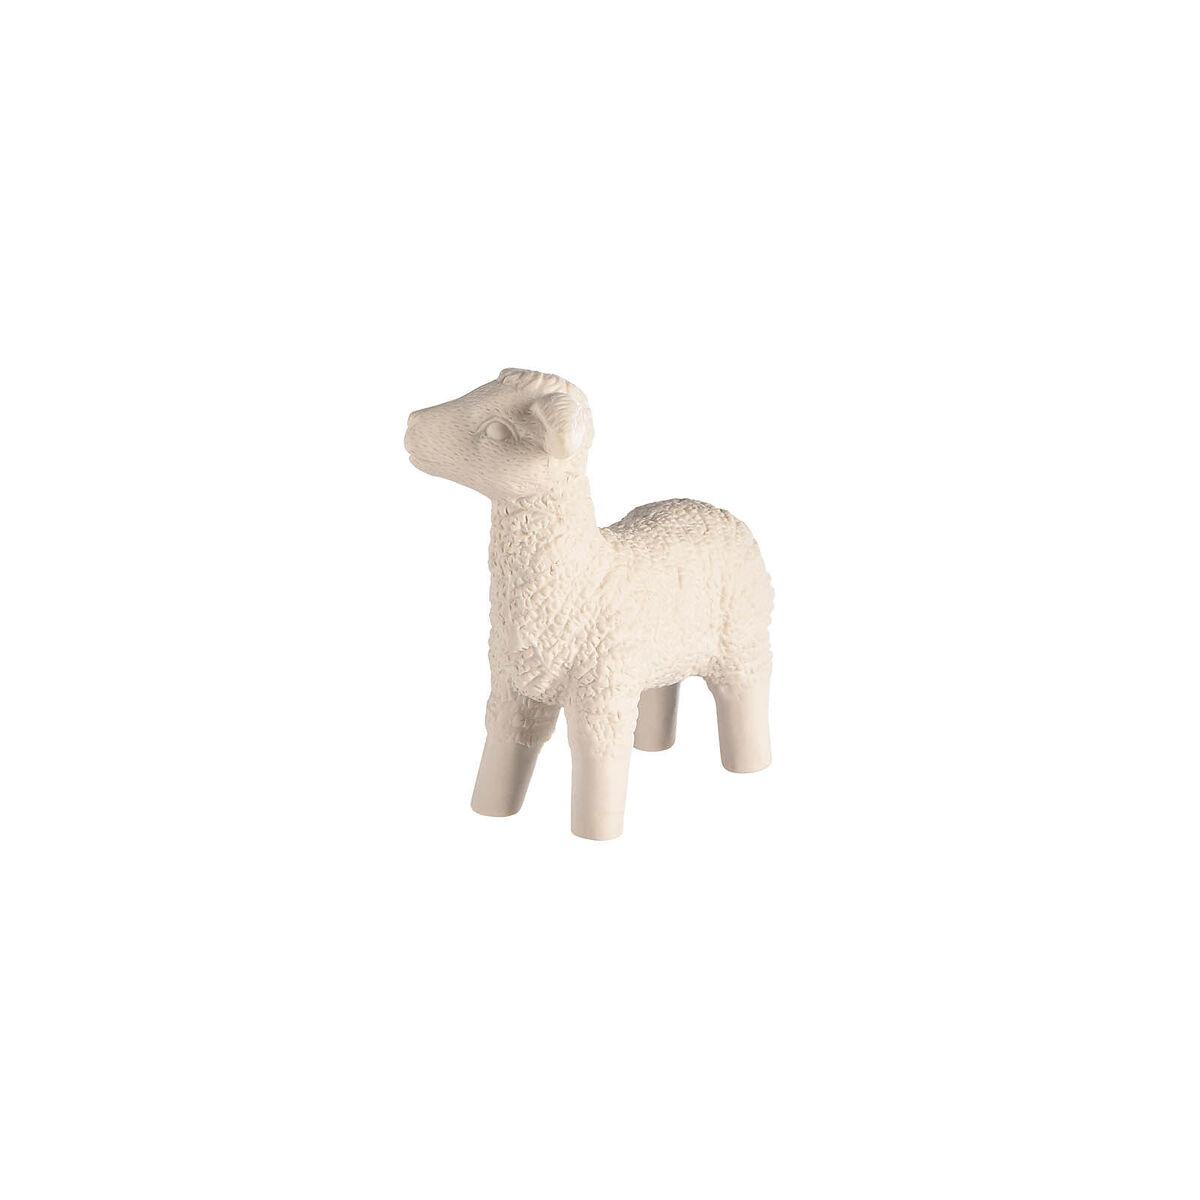 Bild 2 von Dekofigur Schaf stehend, D:16cm x H:15,5cm, weiß